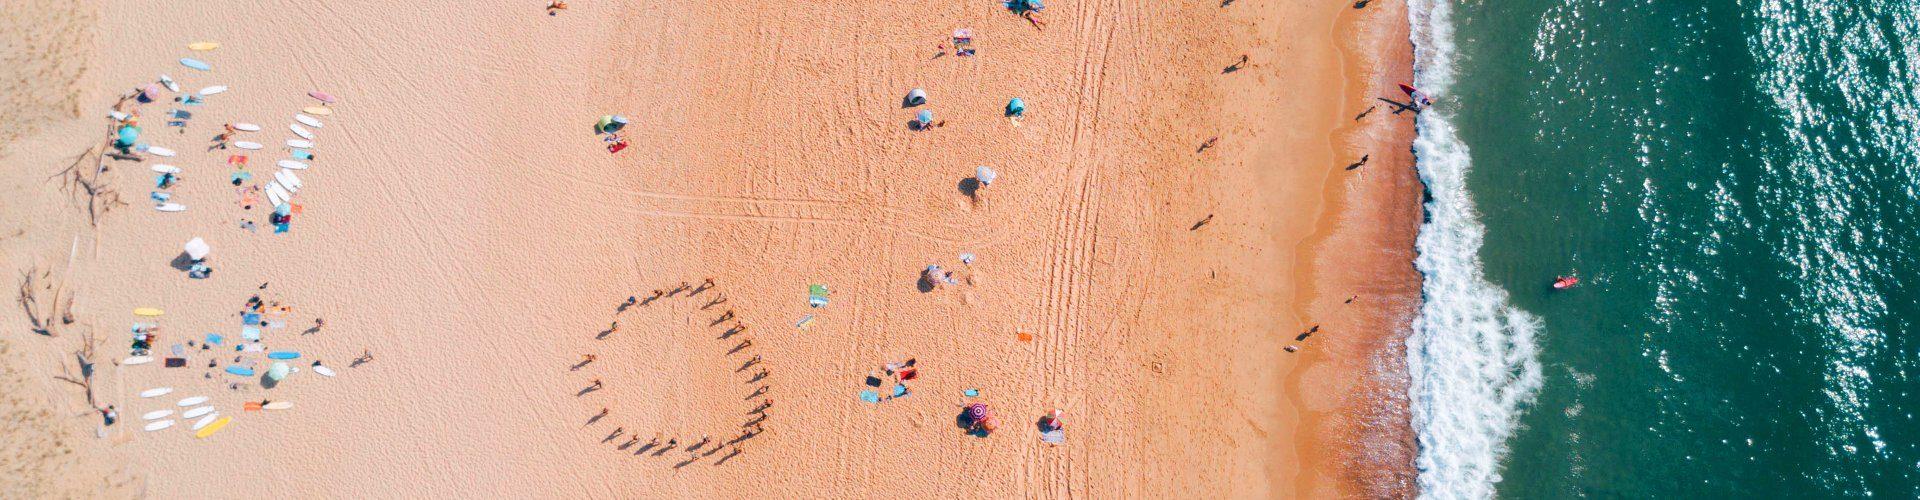 Curso de surf Planet Surf Camps Vieux Boucau